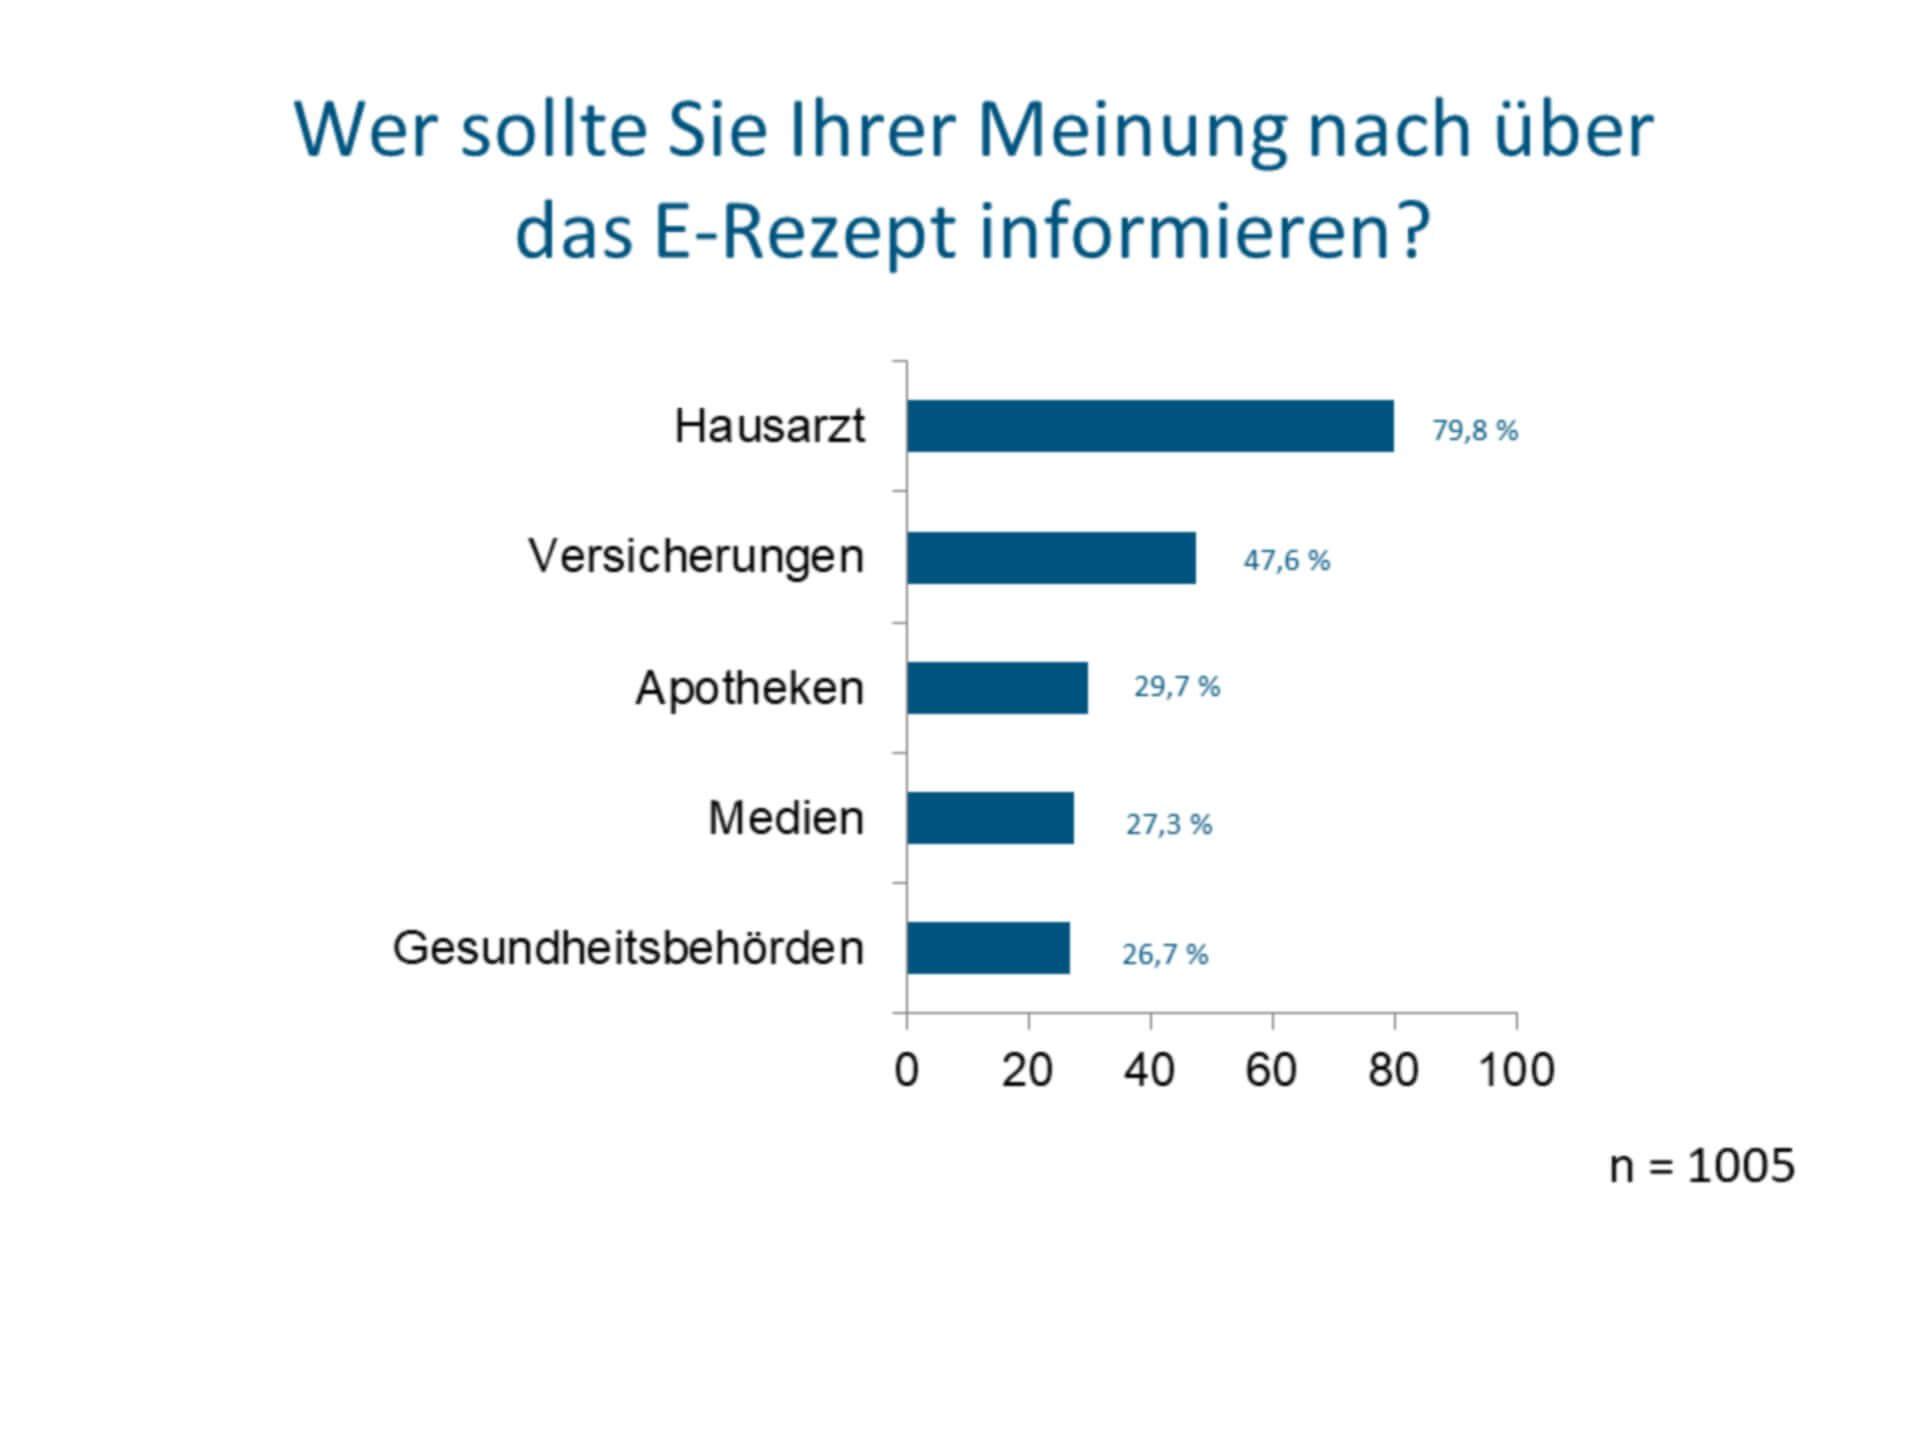 80 Prozent der Deutschen wollen vom Hausarzt über das E-Rezept informiert werden (c) Socialwave GmbH